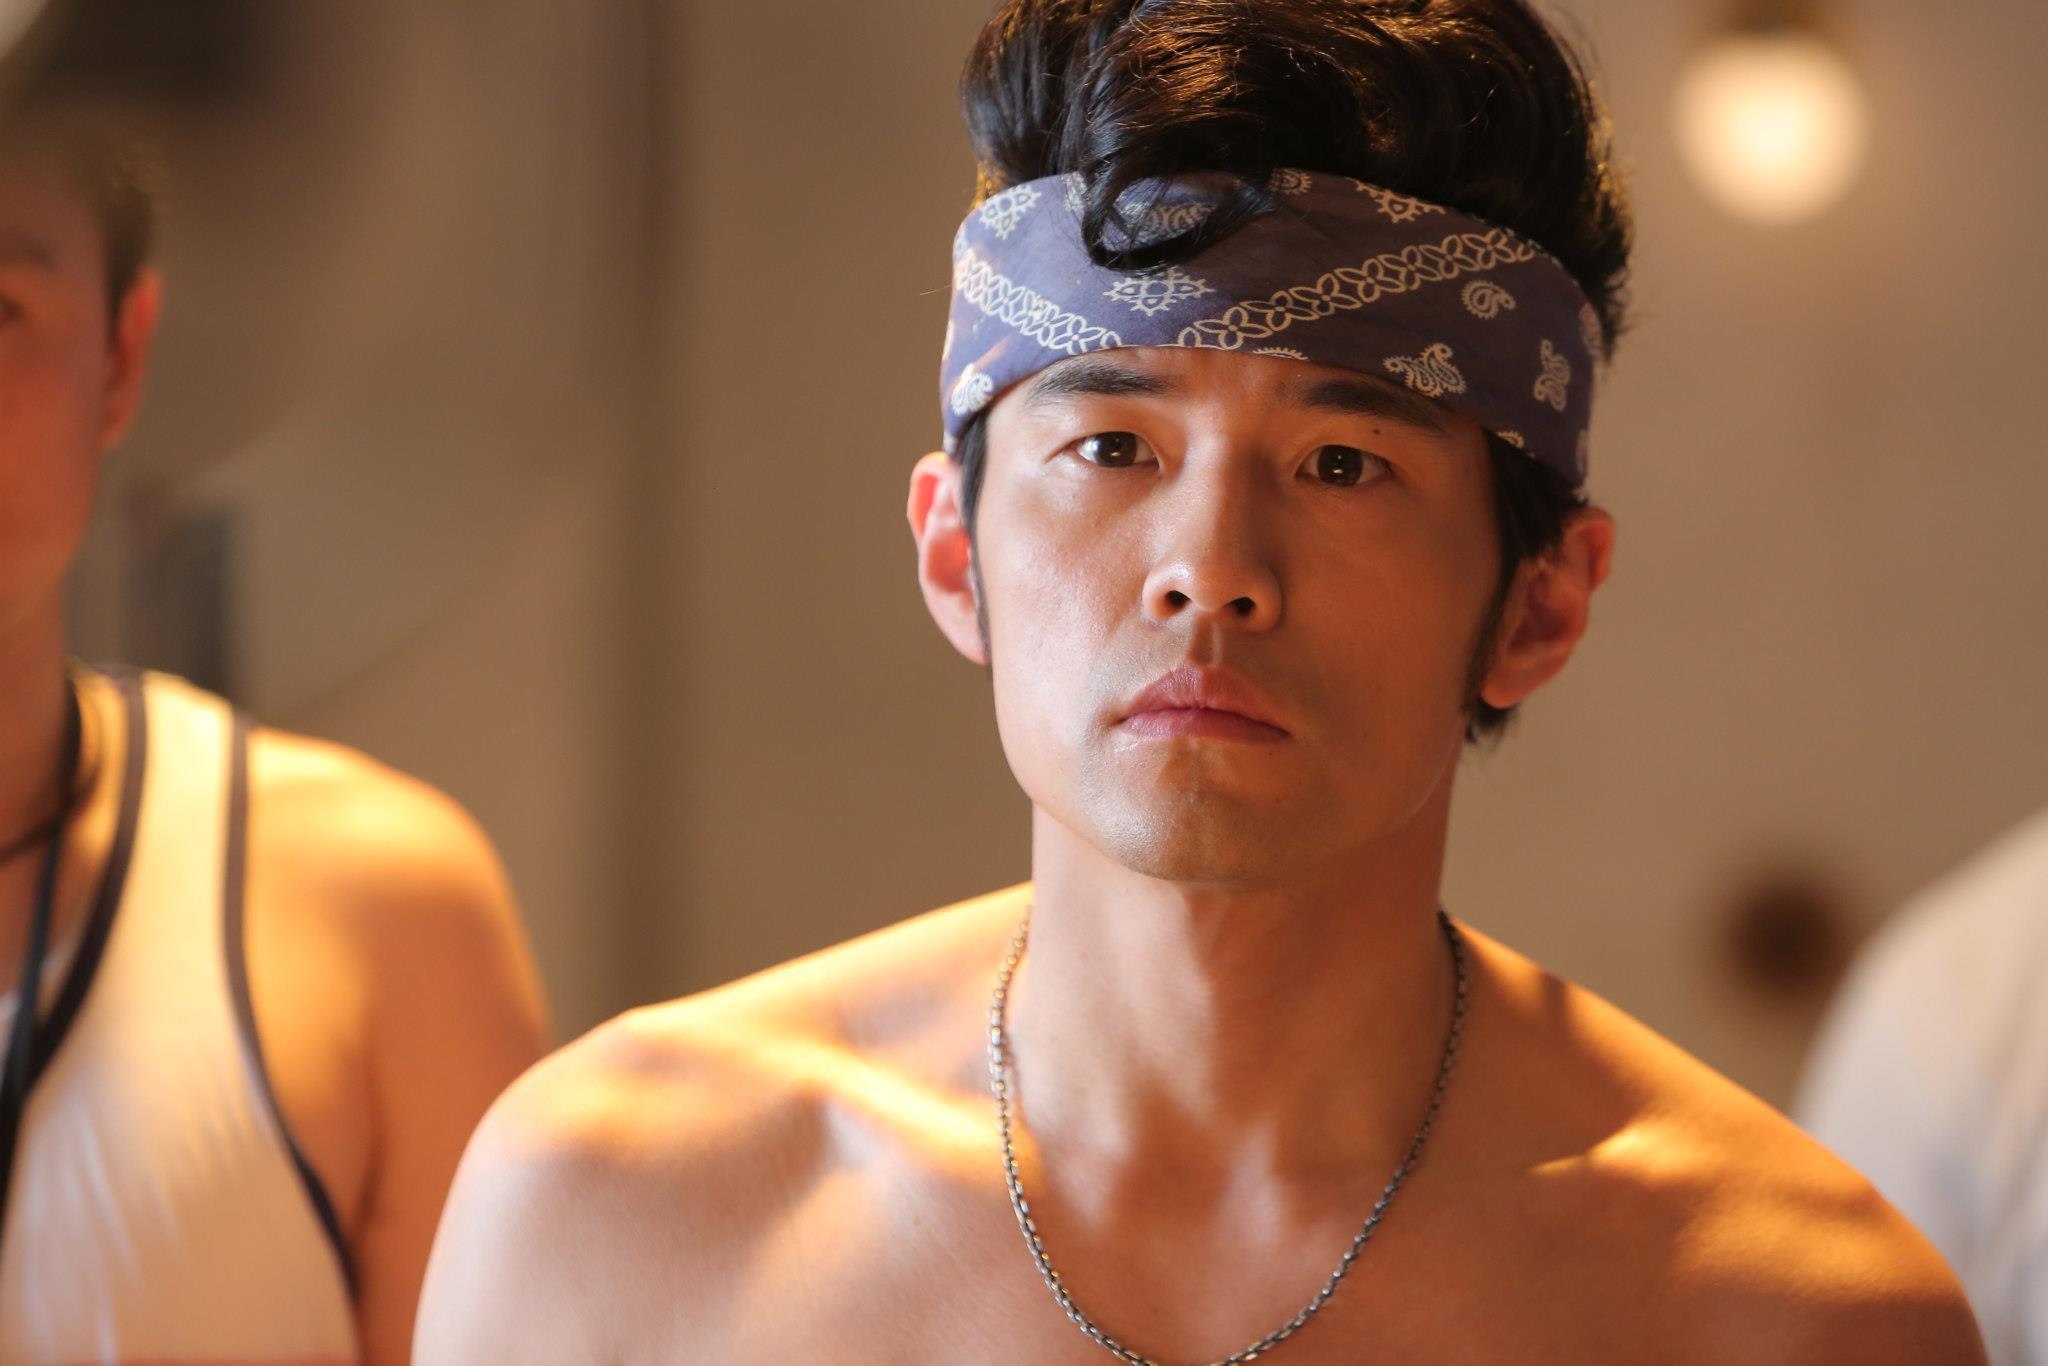 Jay Chou 4k